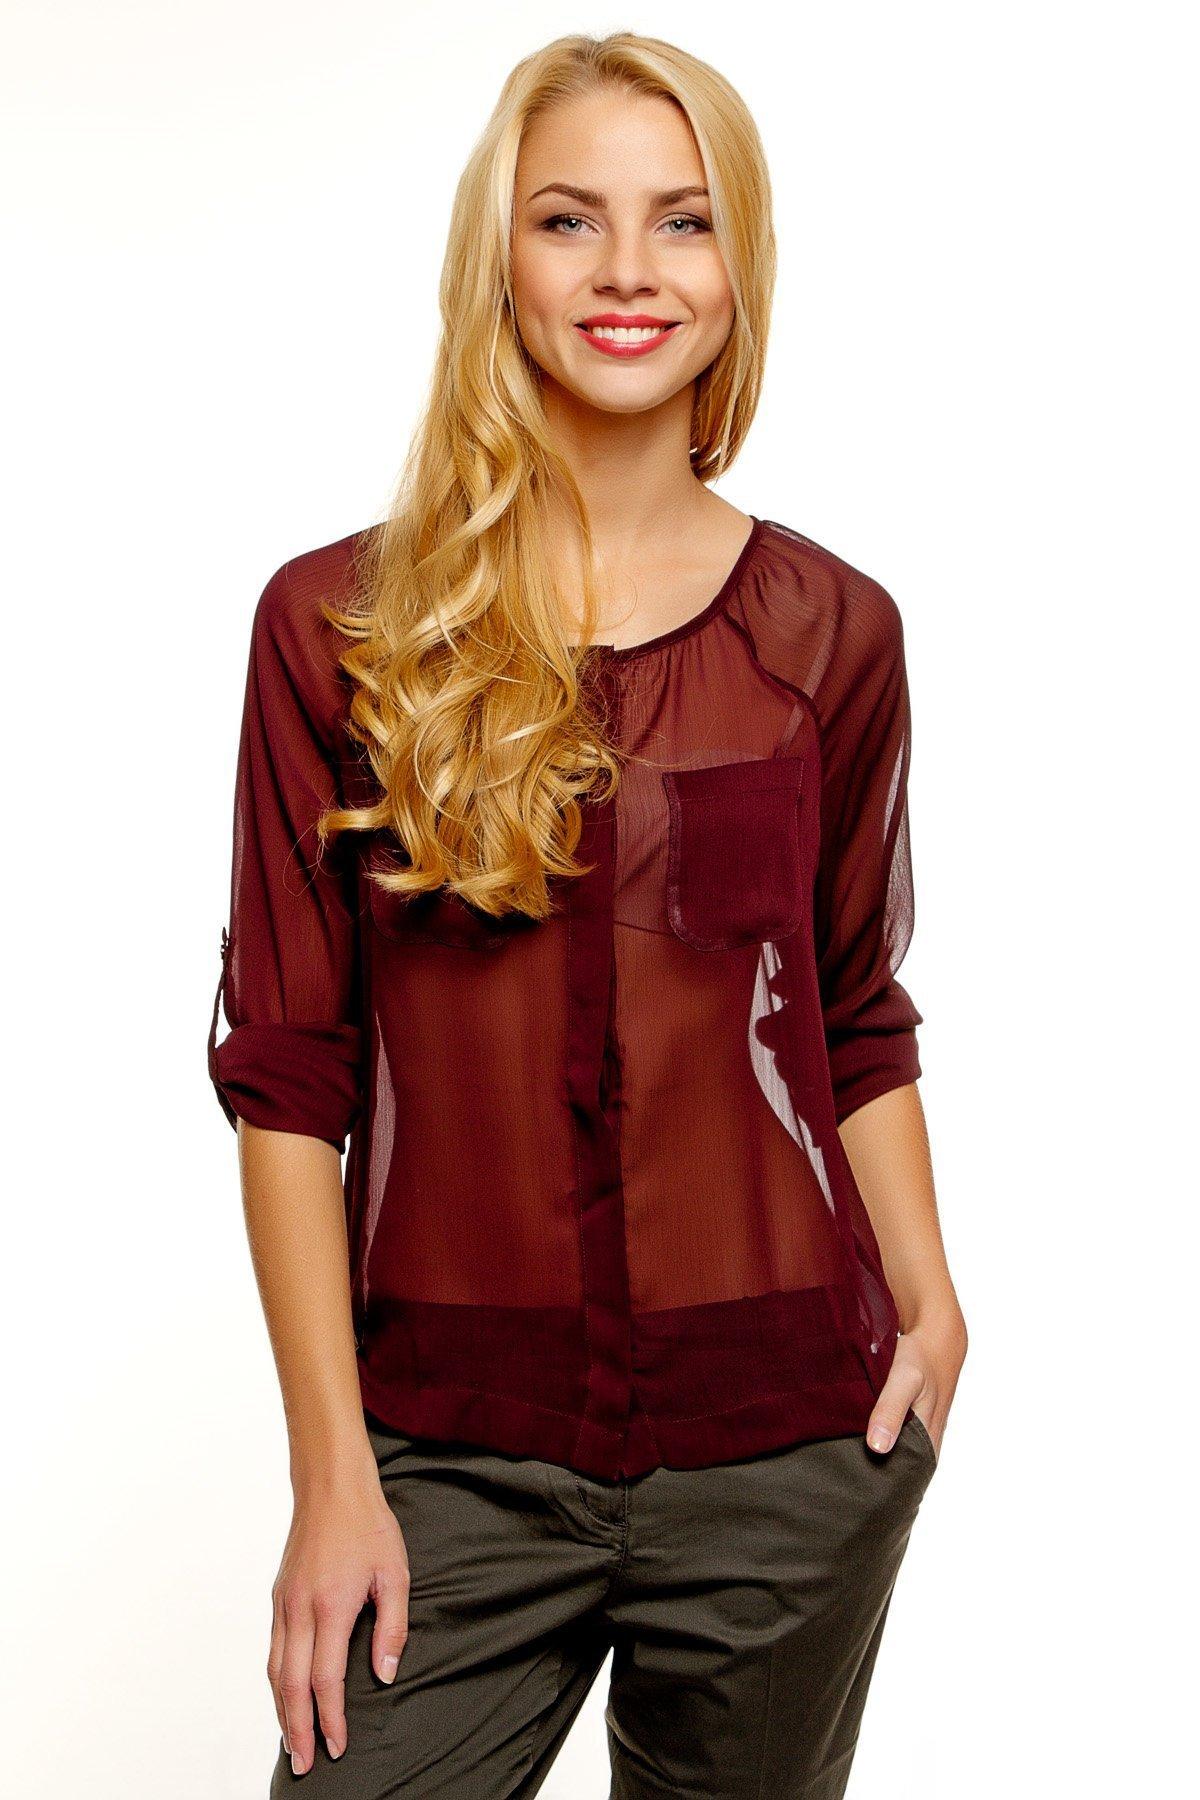 370b1dd487c Модные блузки из шифона (50 фото) — Новинки   Модели 2018